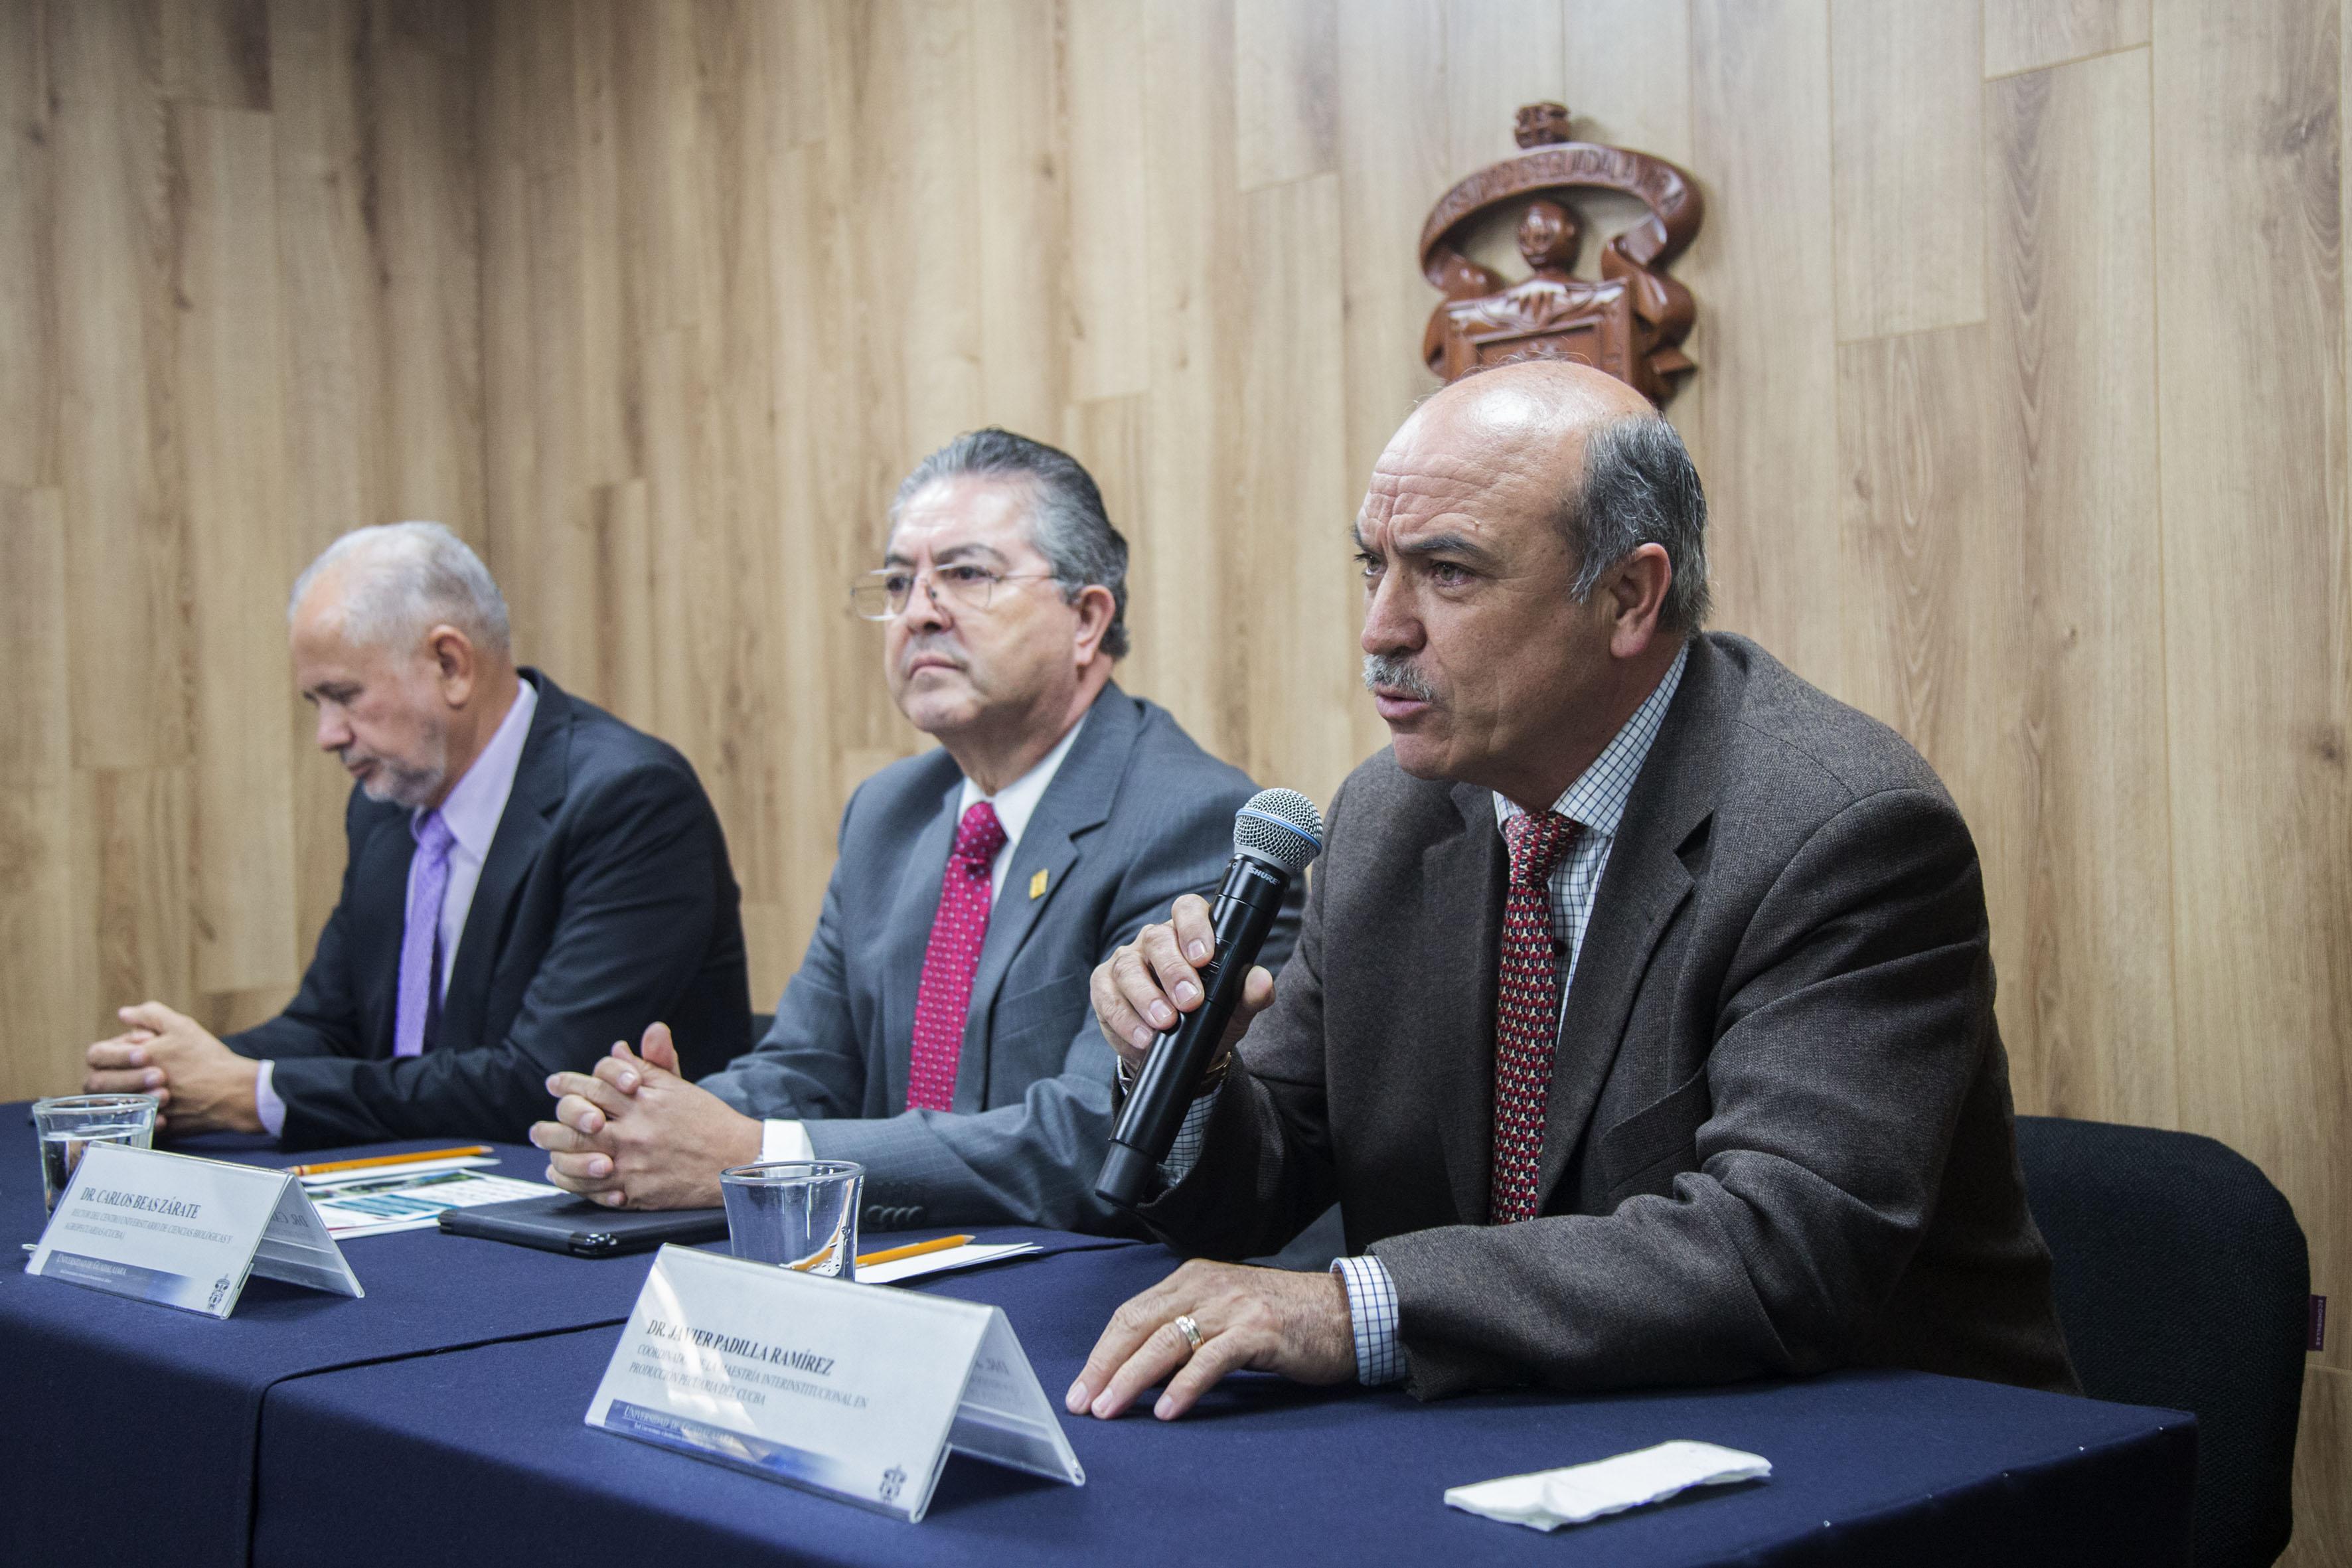 Conferencia de prensa convocada por el Centro Universitario de Ciencias Biológicas y Agropecuarias, para abordar los efectos del cambio climático en México.